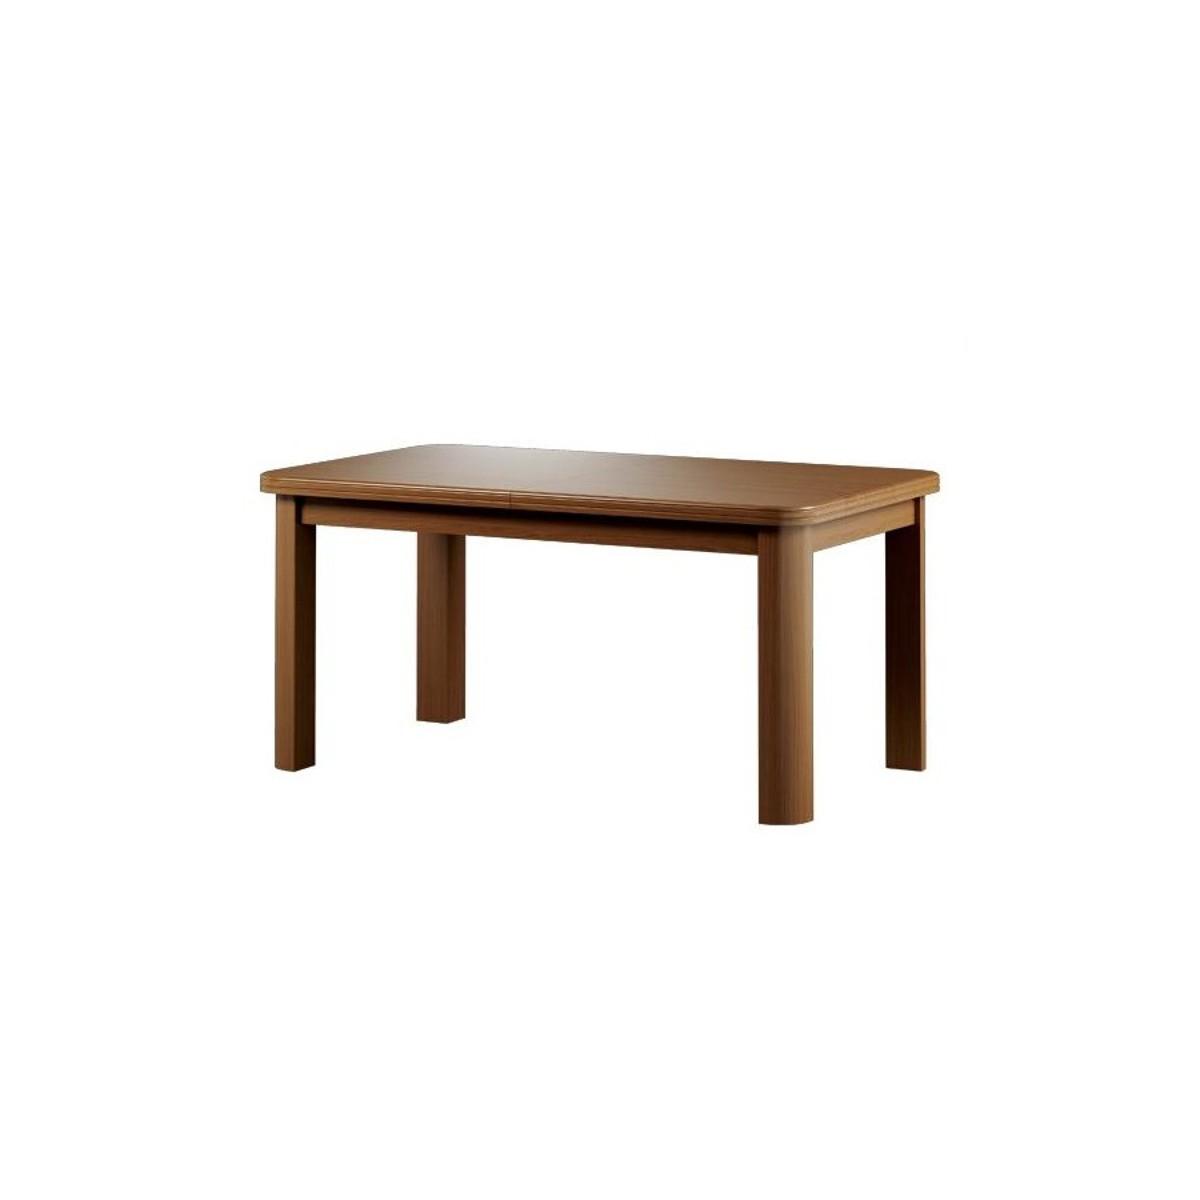 Bawaria stół S22 II Mebdom